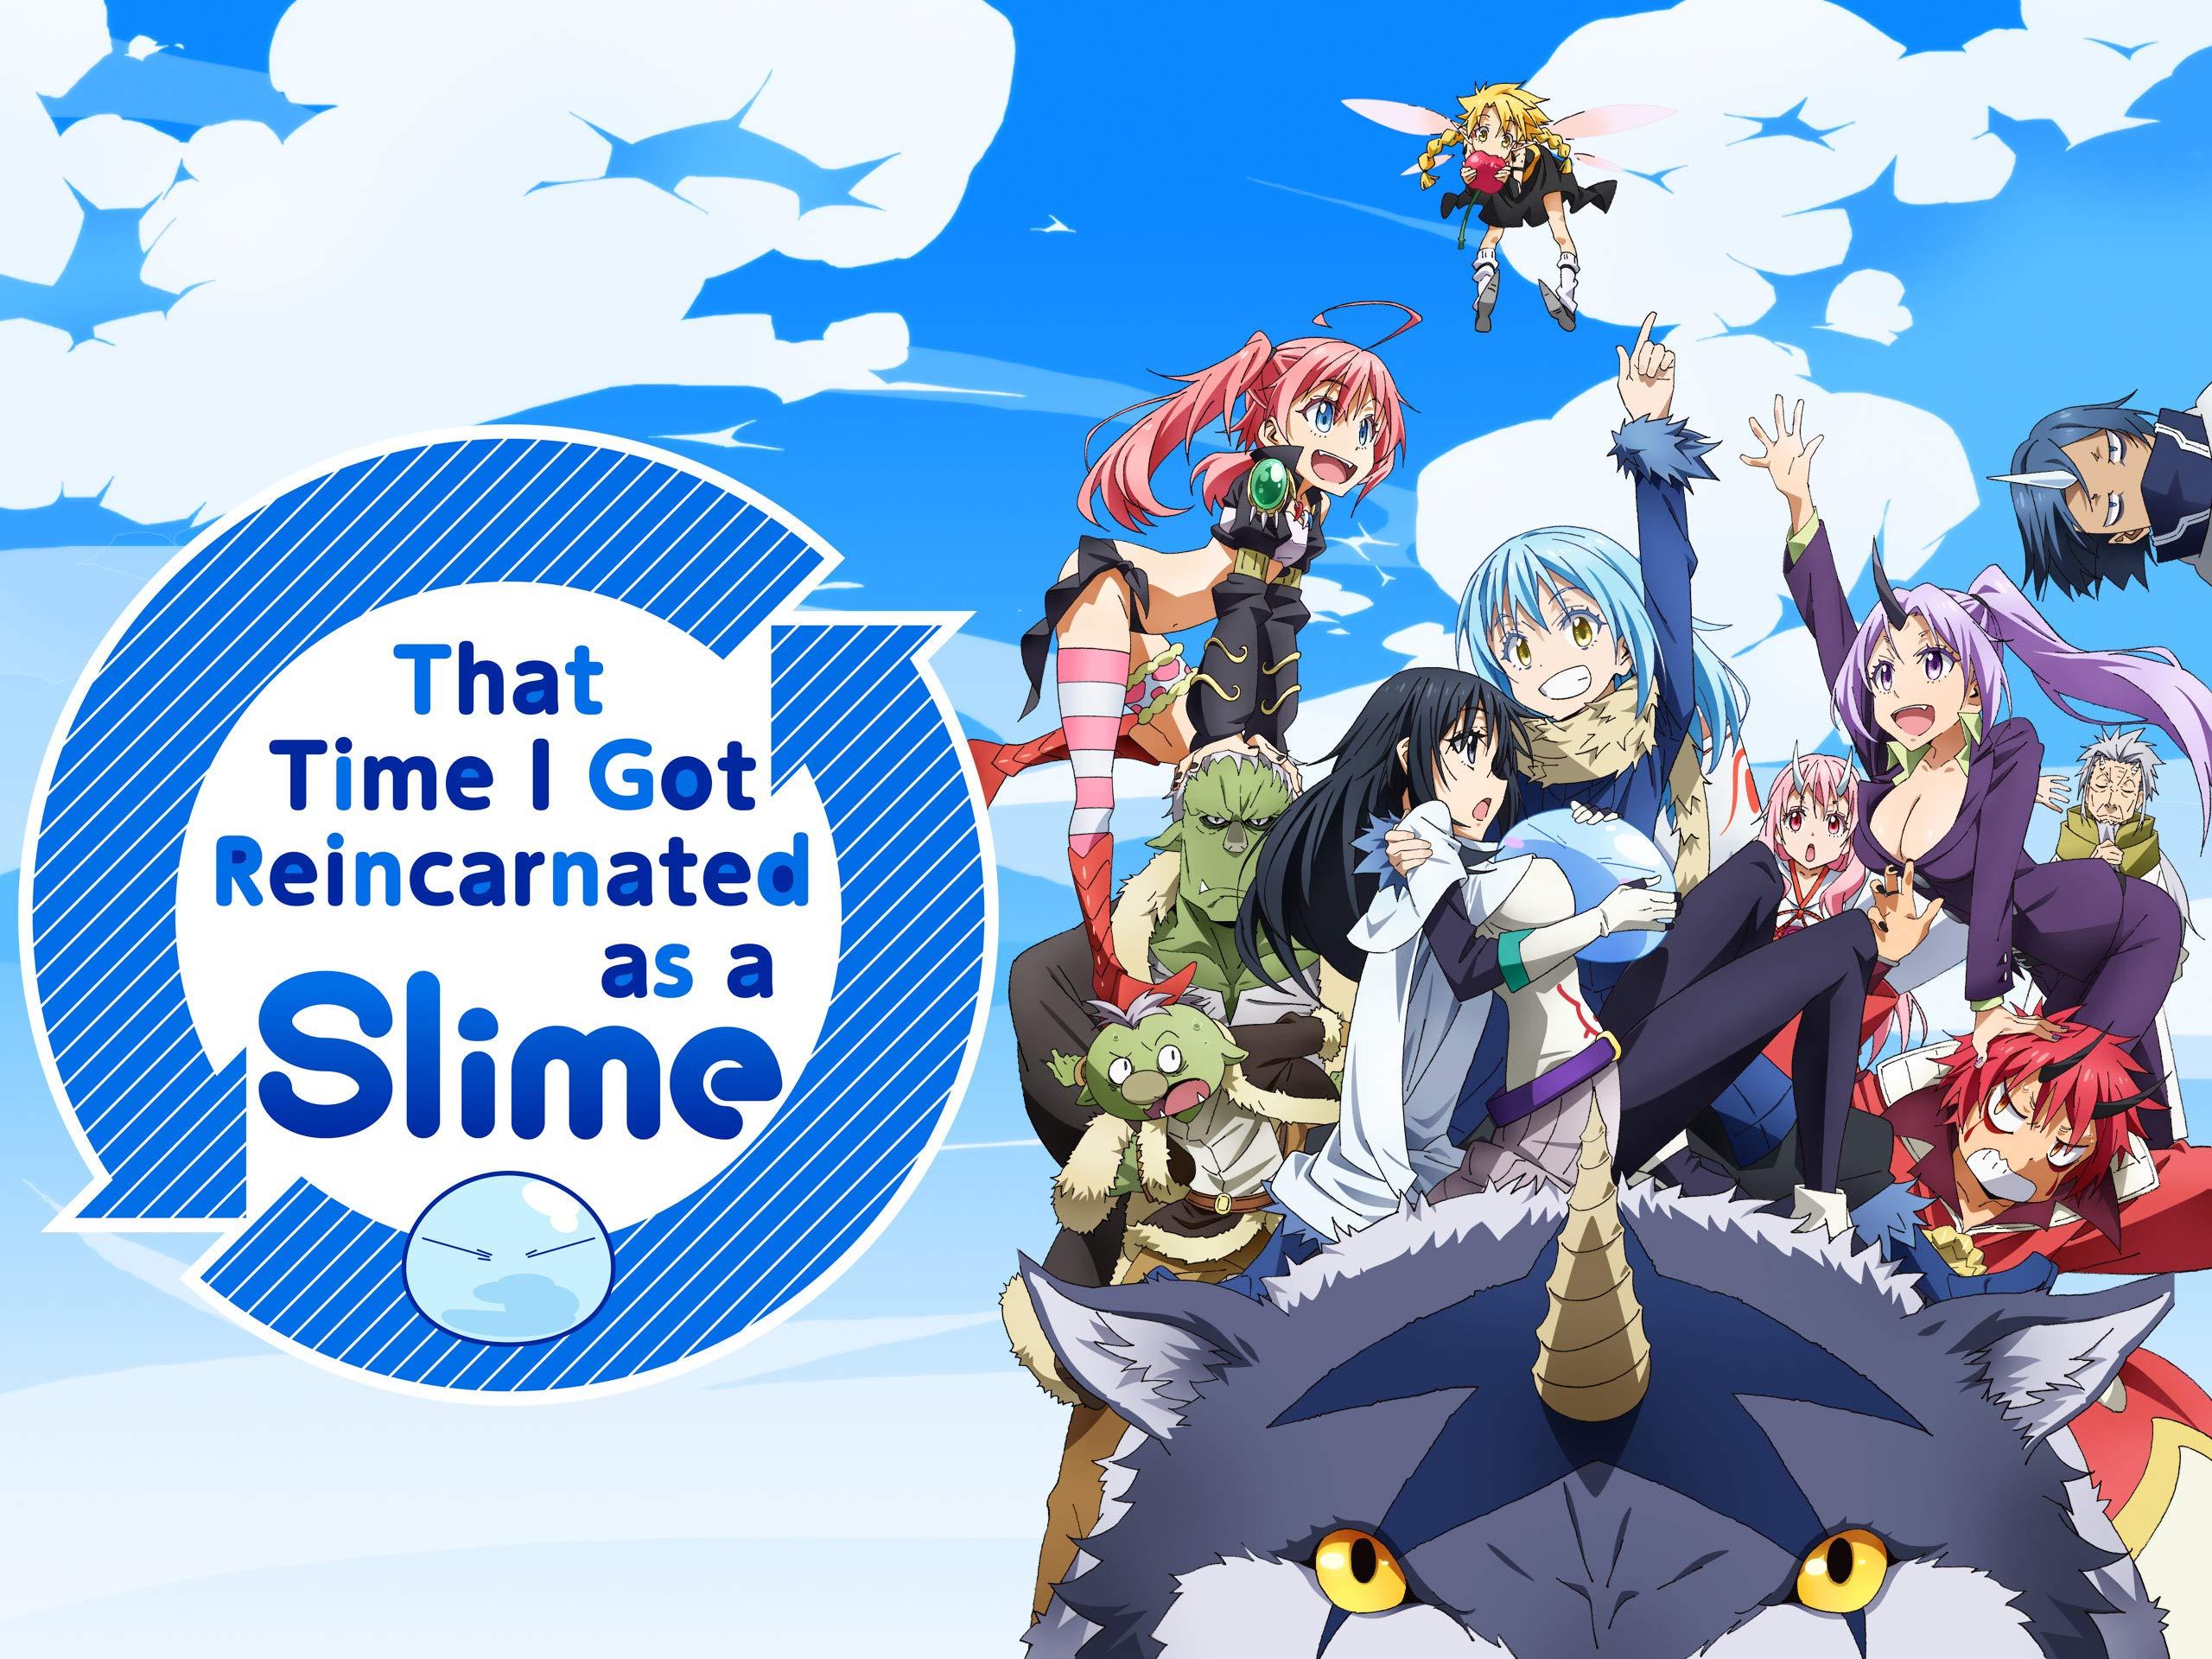 That Time I Got Reincarnated as a Slime – Best Japanese fantasy light novel series